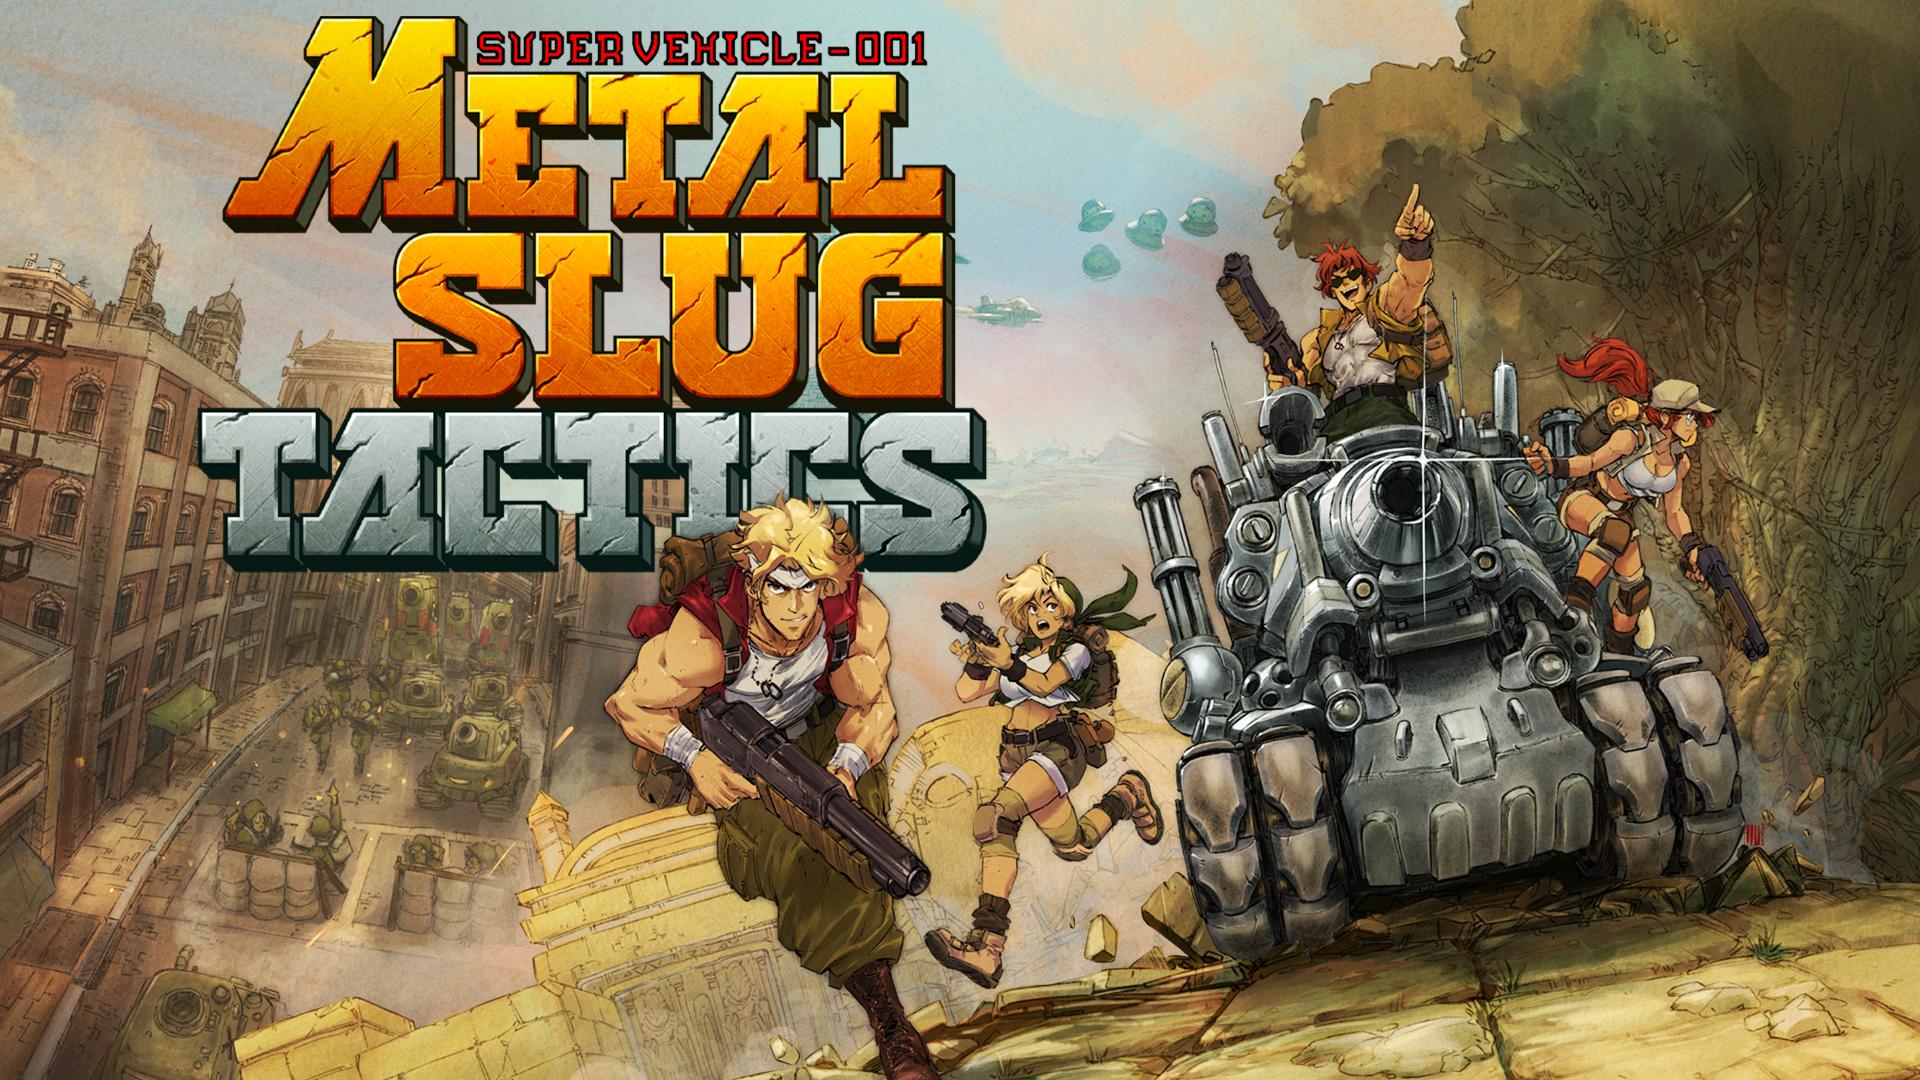 METAL SLUG is back with Metal Slug Tactics!